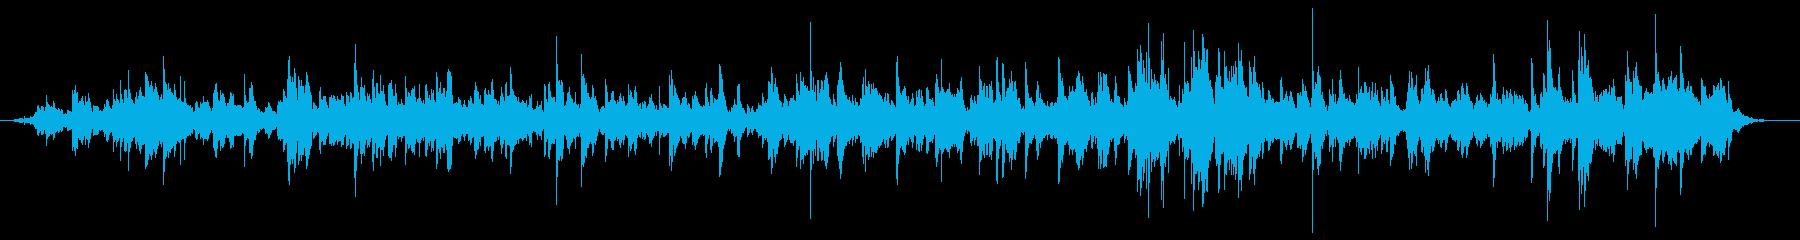 生演奏 ベル キラキラ クリスマスの再生済みの波形